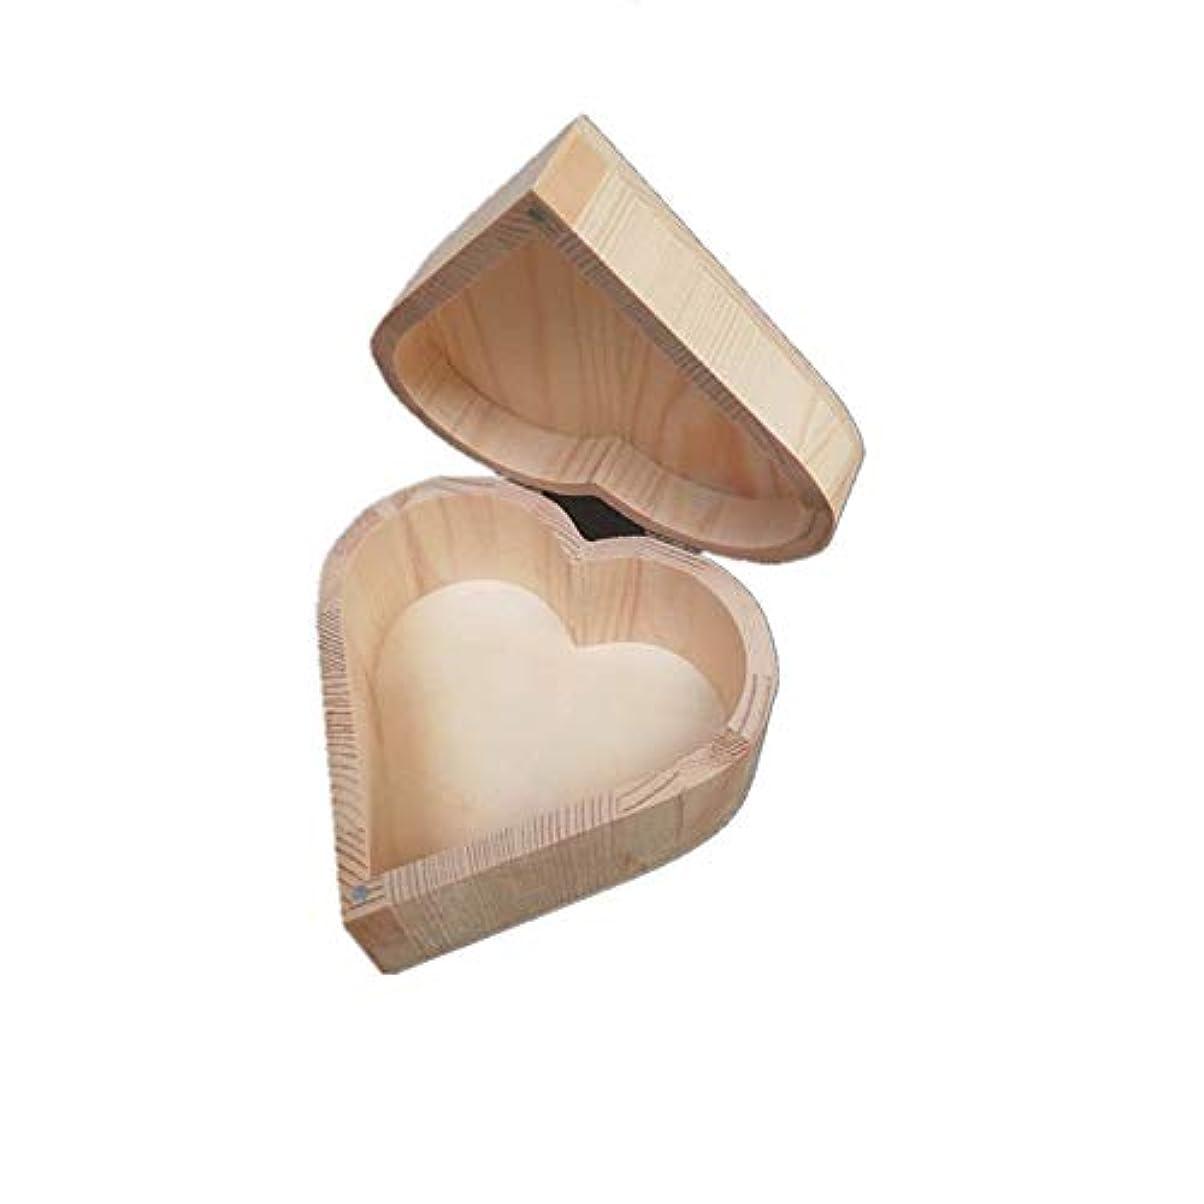 ファイル隔離生息地手作りハート木製のエッセンシャルオイルボックスパーフェクトエッセンシャルオイルケース アロマセラピー製品 (色 : Natural, サイズ : 13X13X7CM)